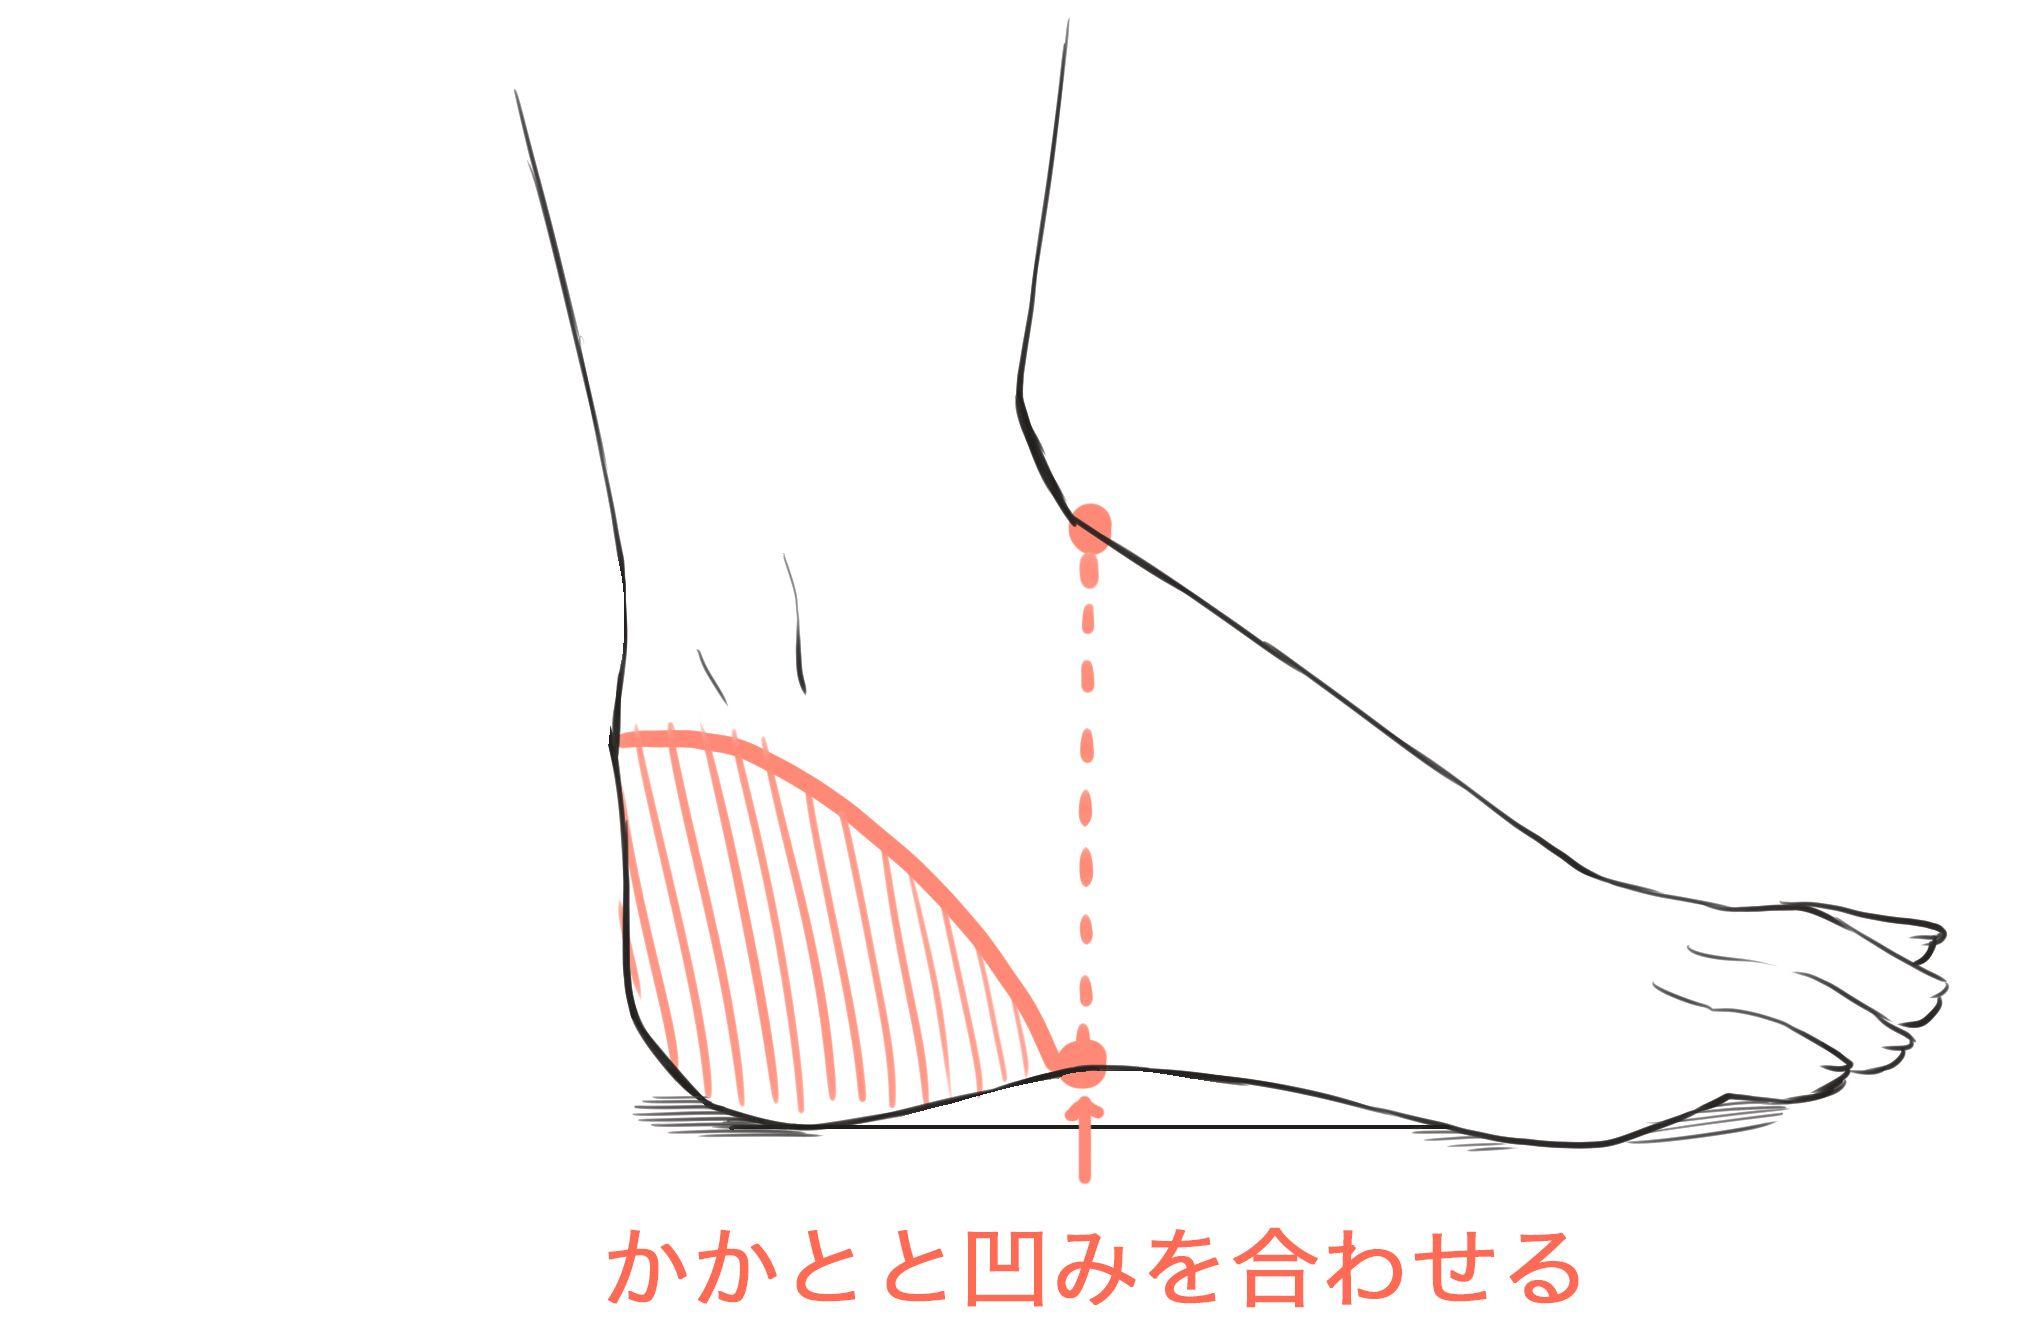 パーツ分けで描ける 足の描き方講座 イラストマンガ描き方ナビ